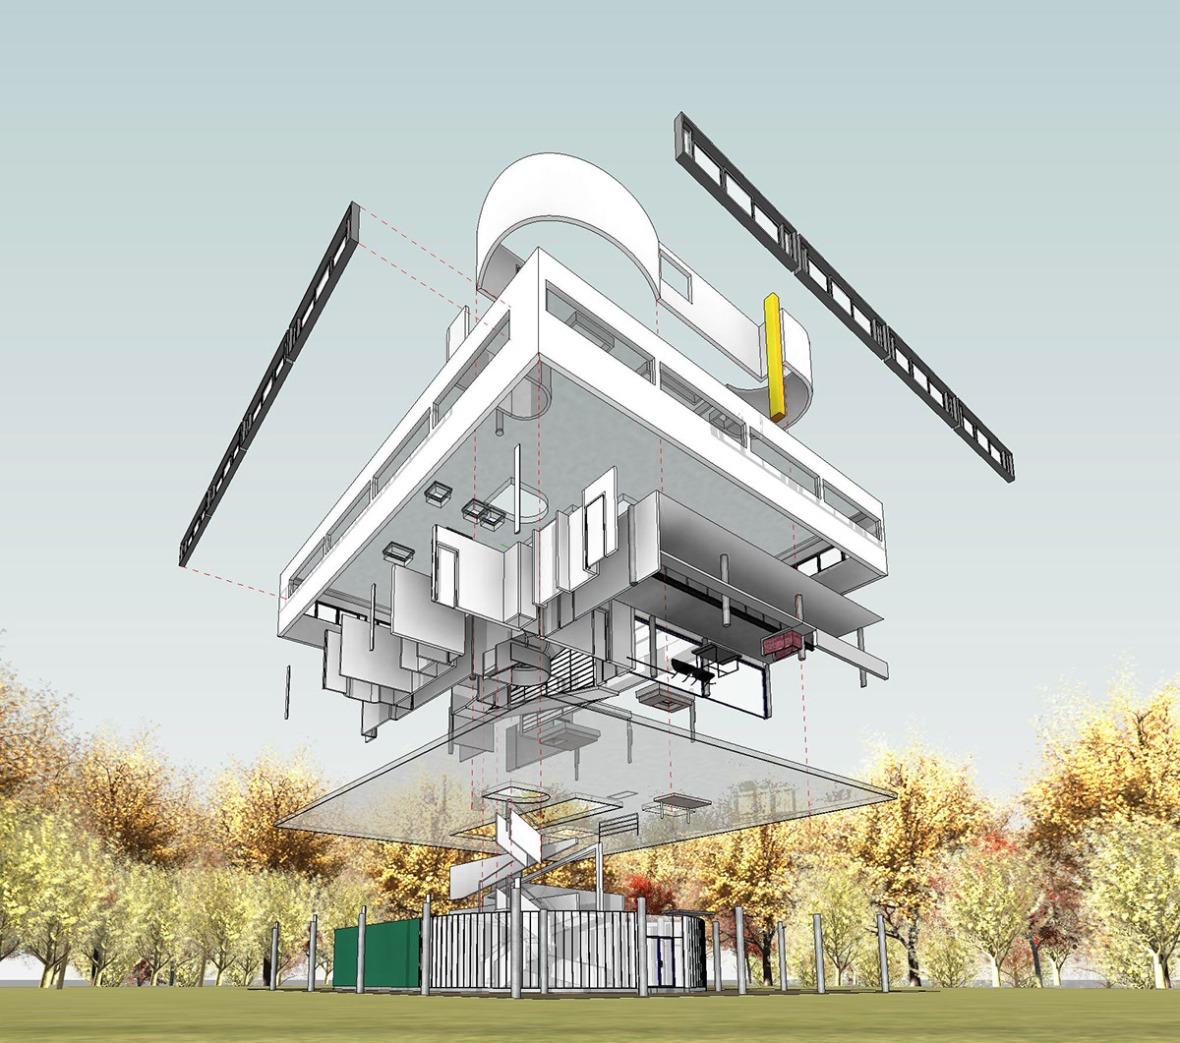 Villa-Savoye-Plans-(Le-Corbusier)-05